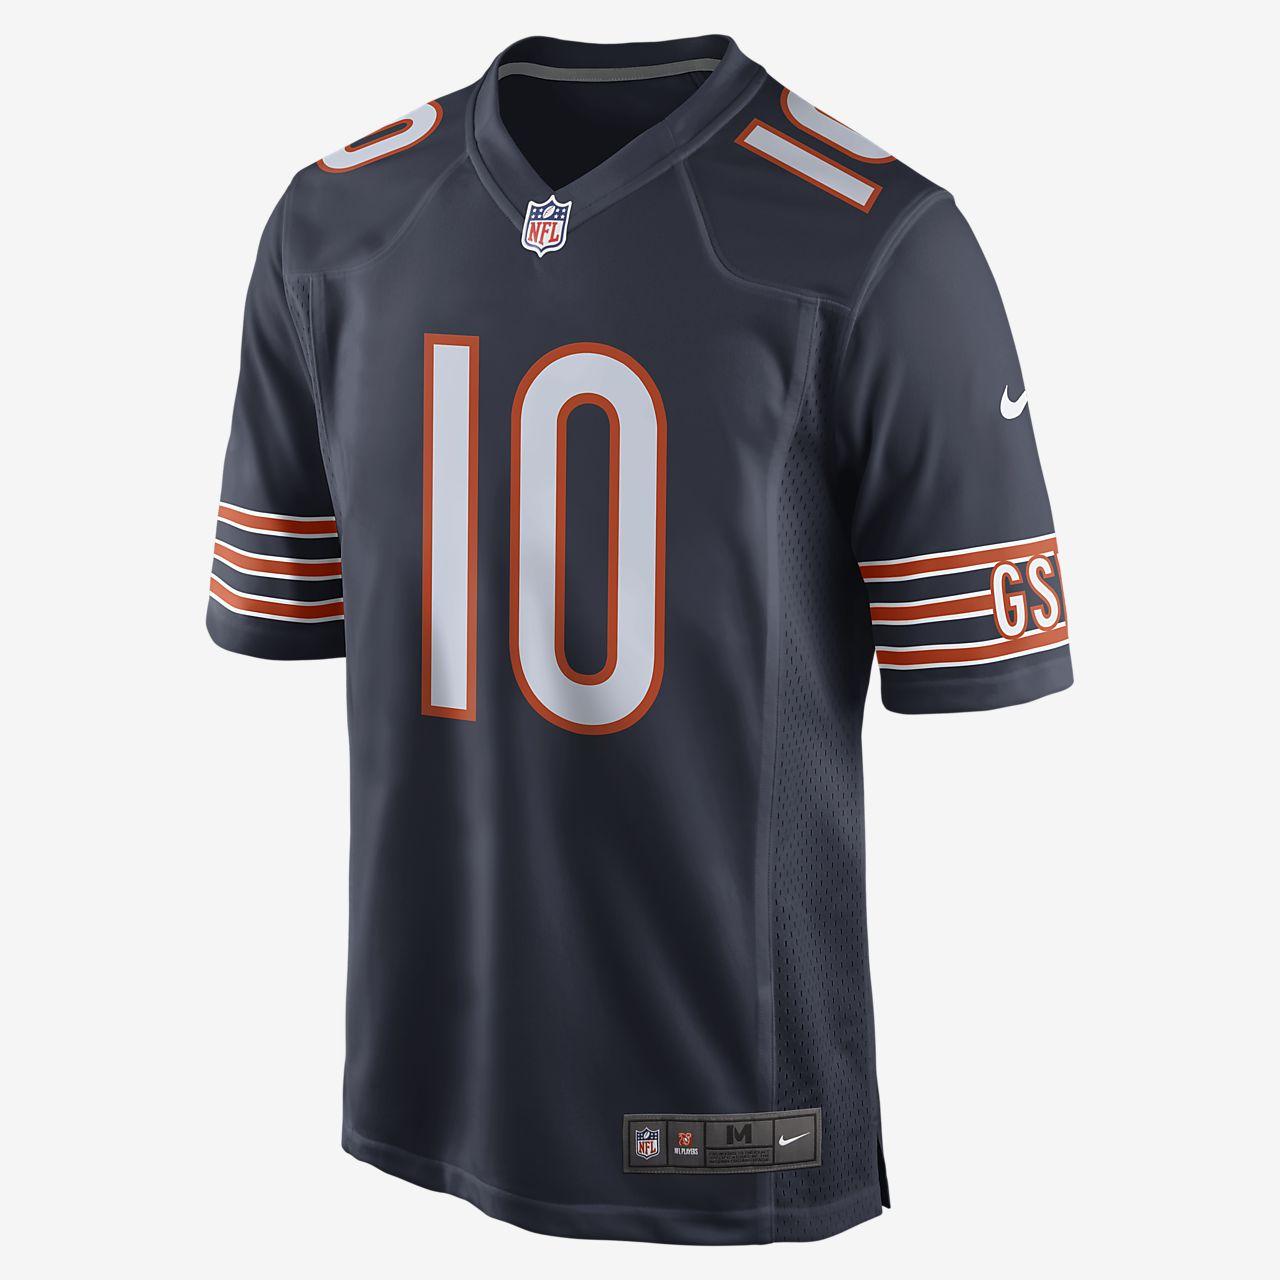 Camiseta Game de fútbol americano para hombre NFL Chicago Bears (Mitch Trubisky)